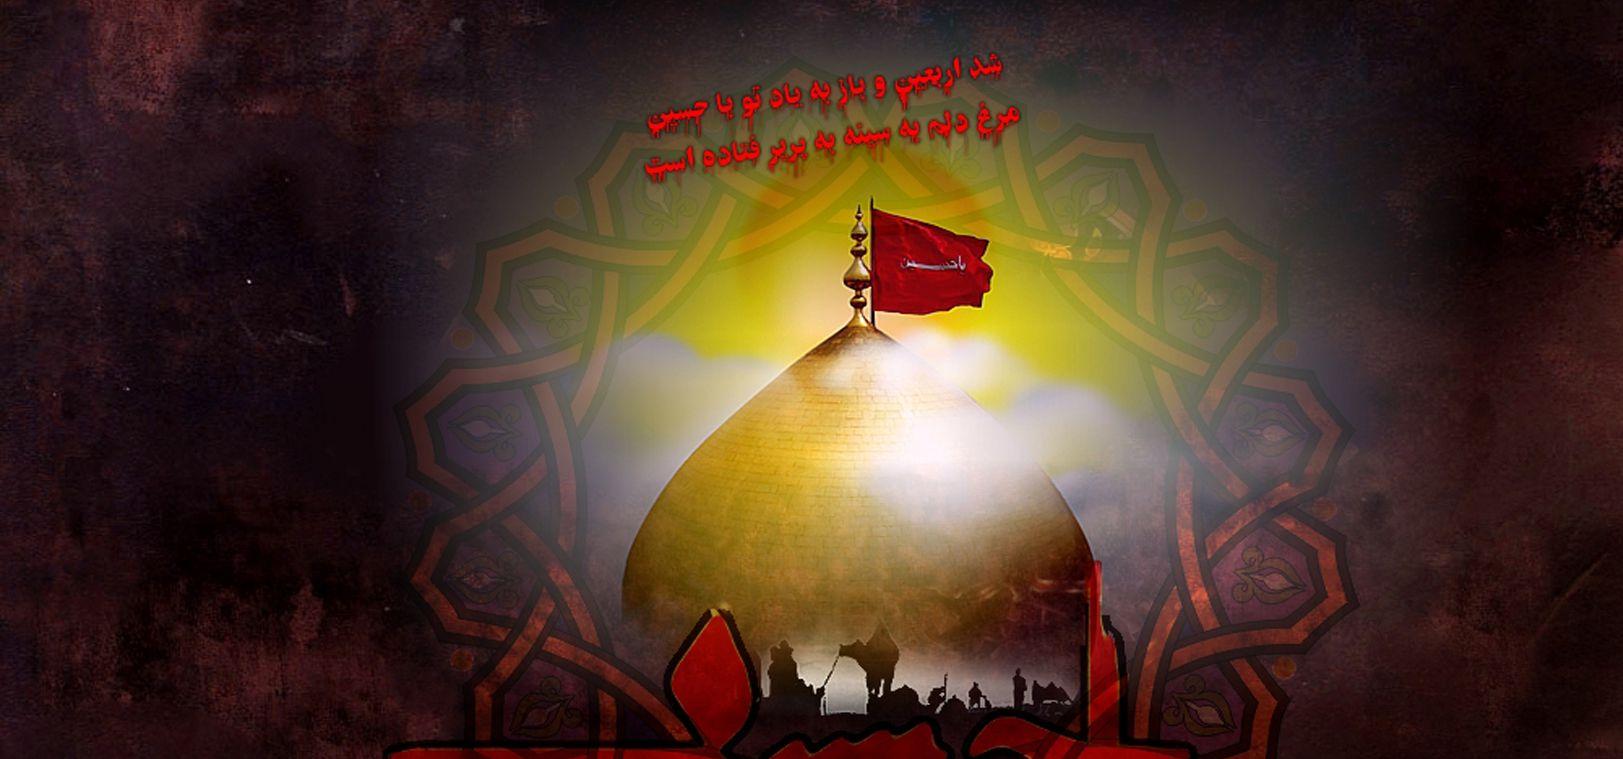 Azeri Sahar Tv | День Арбаин - сороковой день мученической смерти Хусейна г.Киев 2014 |